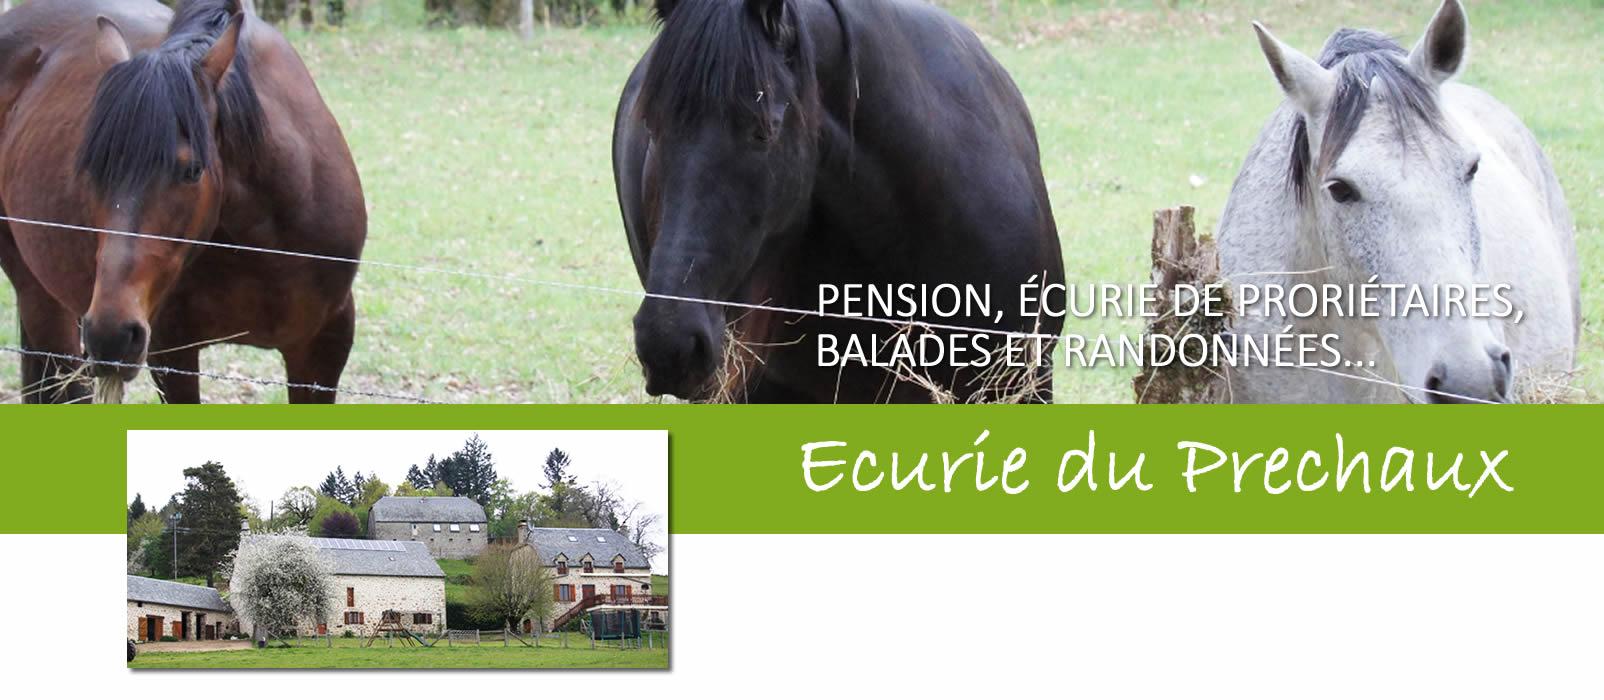 Photo partenaire - Ecurie du Prechaux - Centre équestre - Bienvenue à la Vérénerie -  Chambres et table d'hôtes